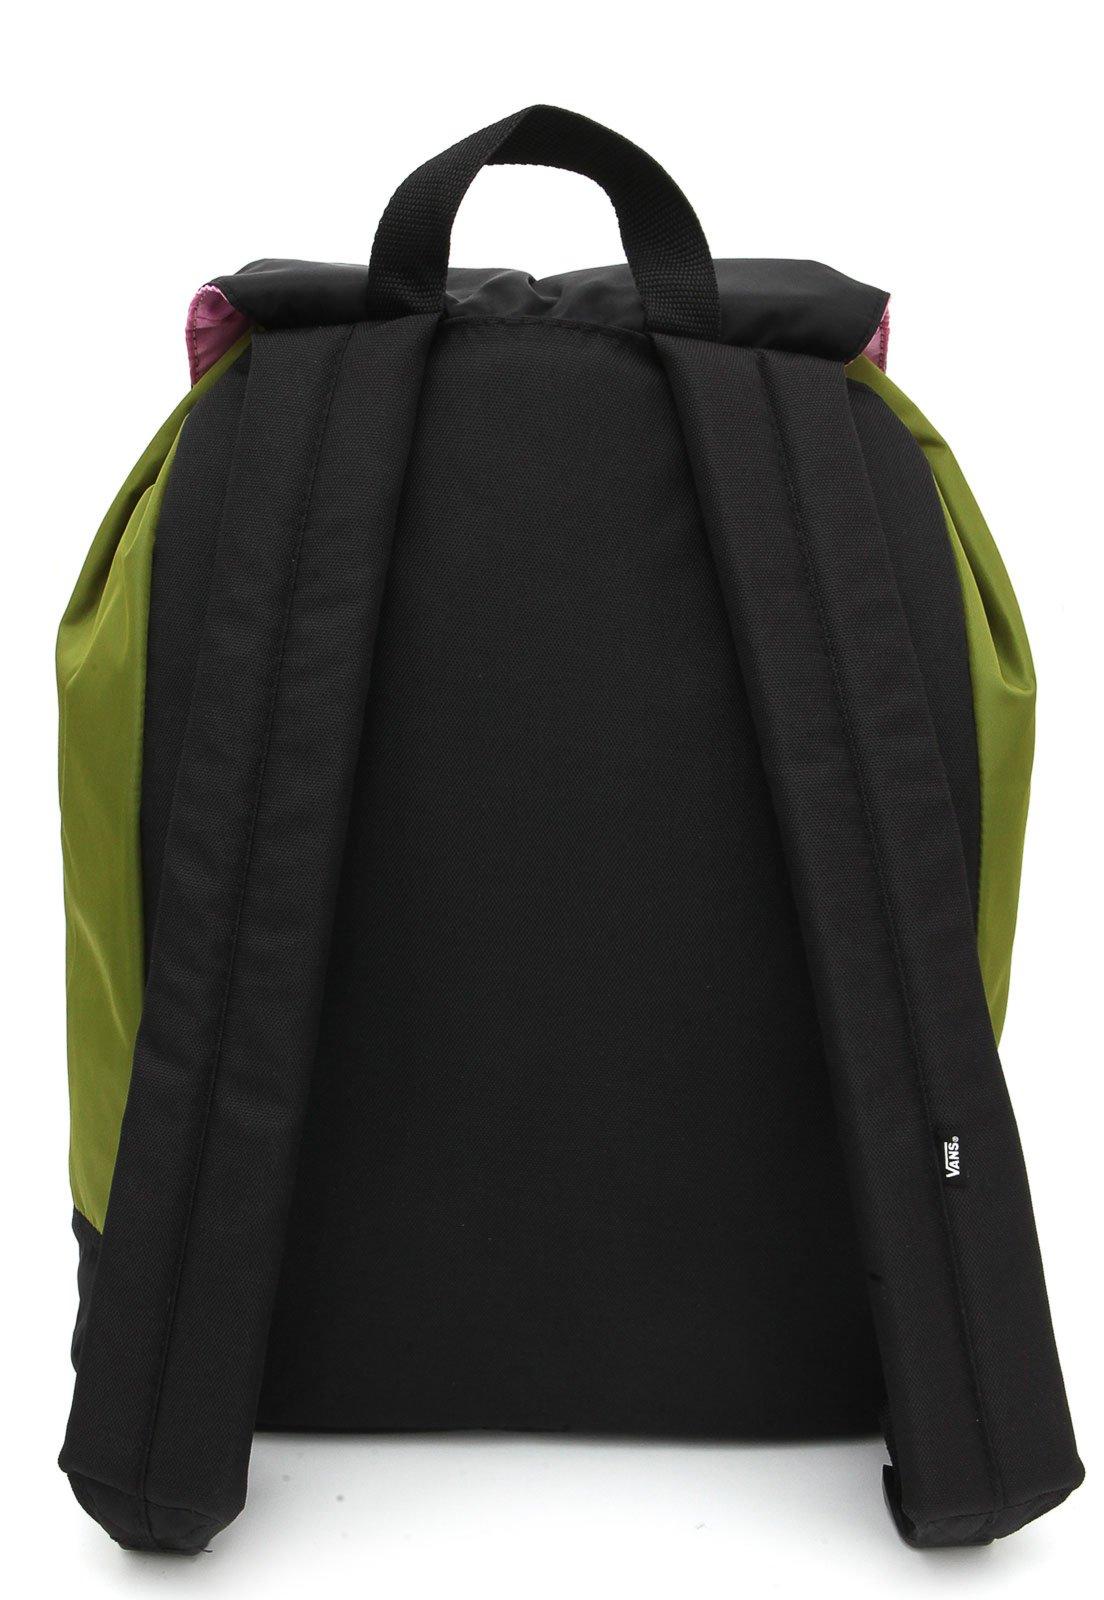 Mochila Vans Geomancer Ii Backpack Verde - Compre Agora